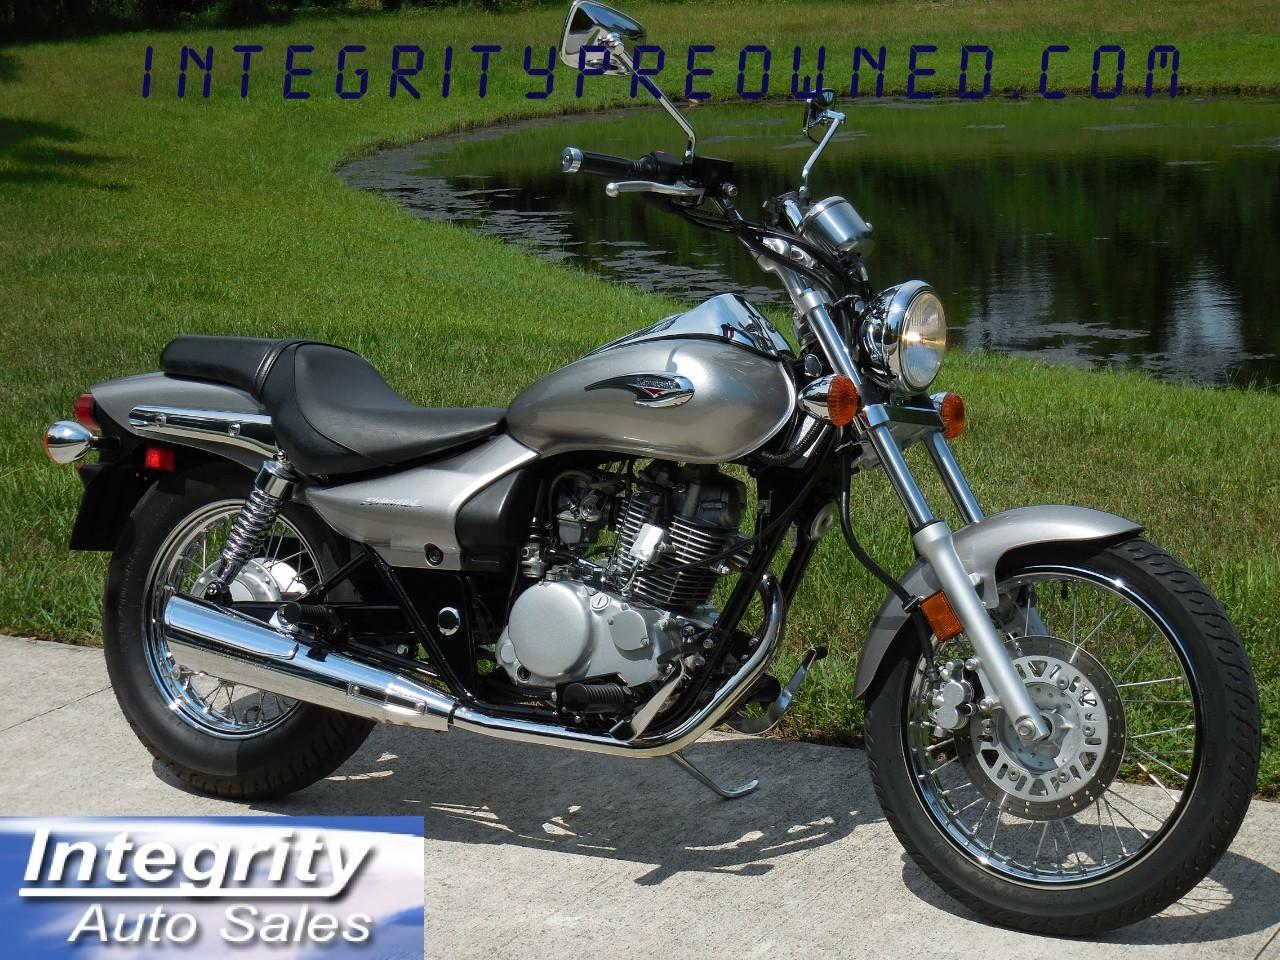 Eliminator 175 For Sale - Kawasaki Motorcycles - Cycle Trader